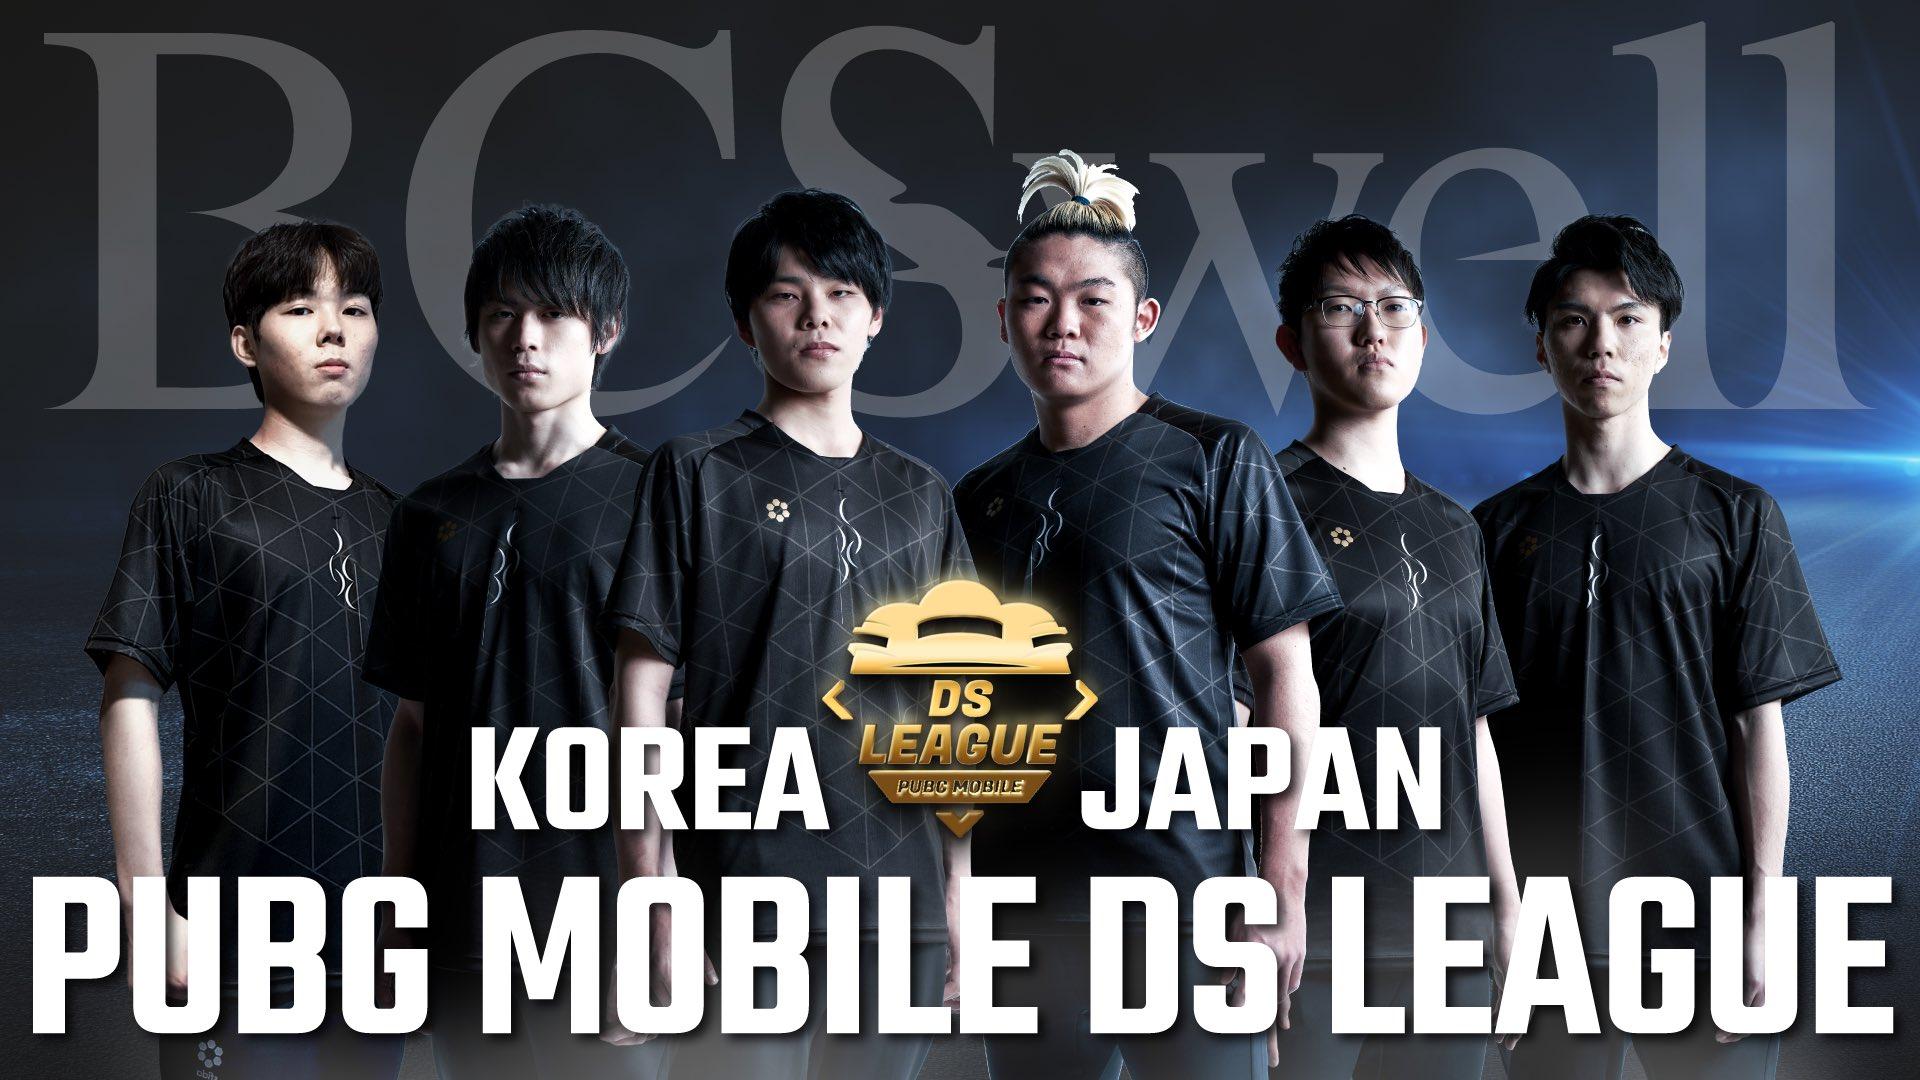 【 PUBG MOBILE部門 】『PUBG MOBILE DS LEAGUE KOREA vs JAPAN』出場